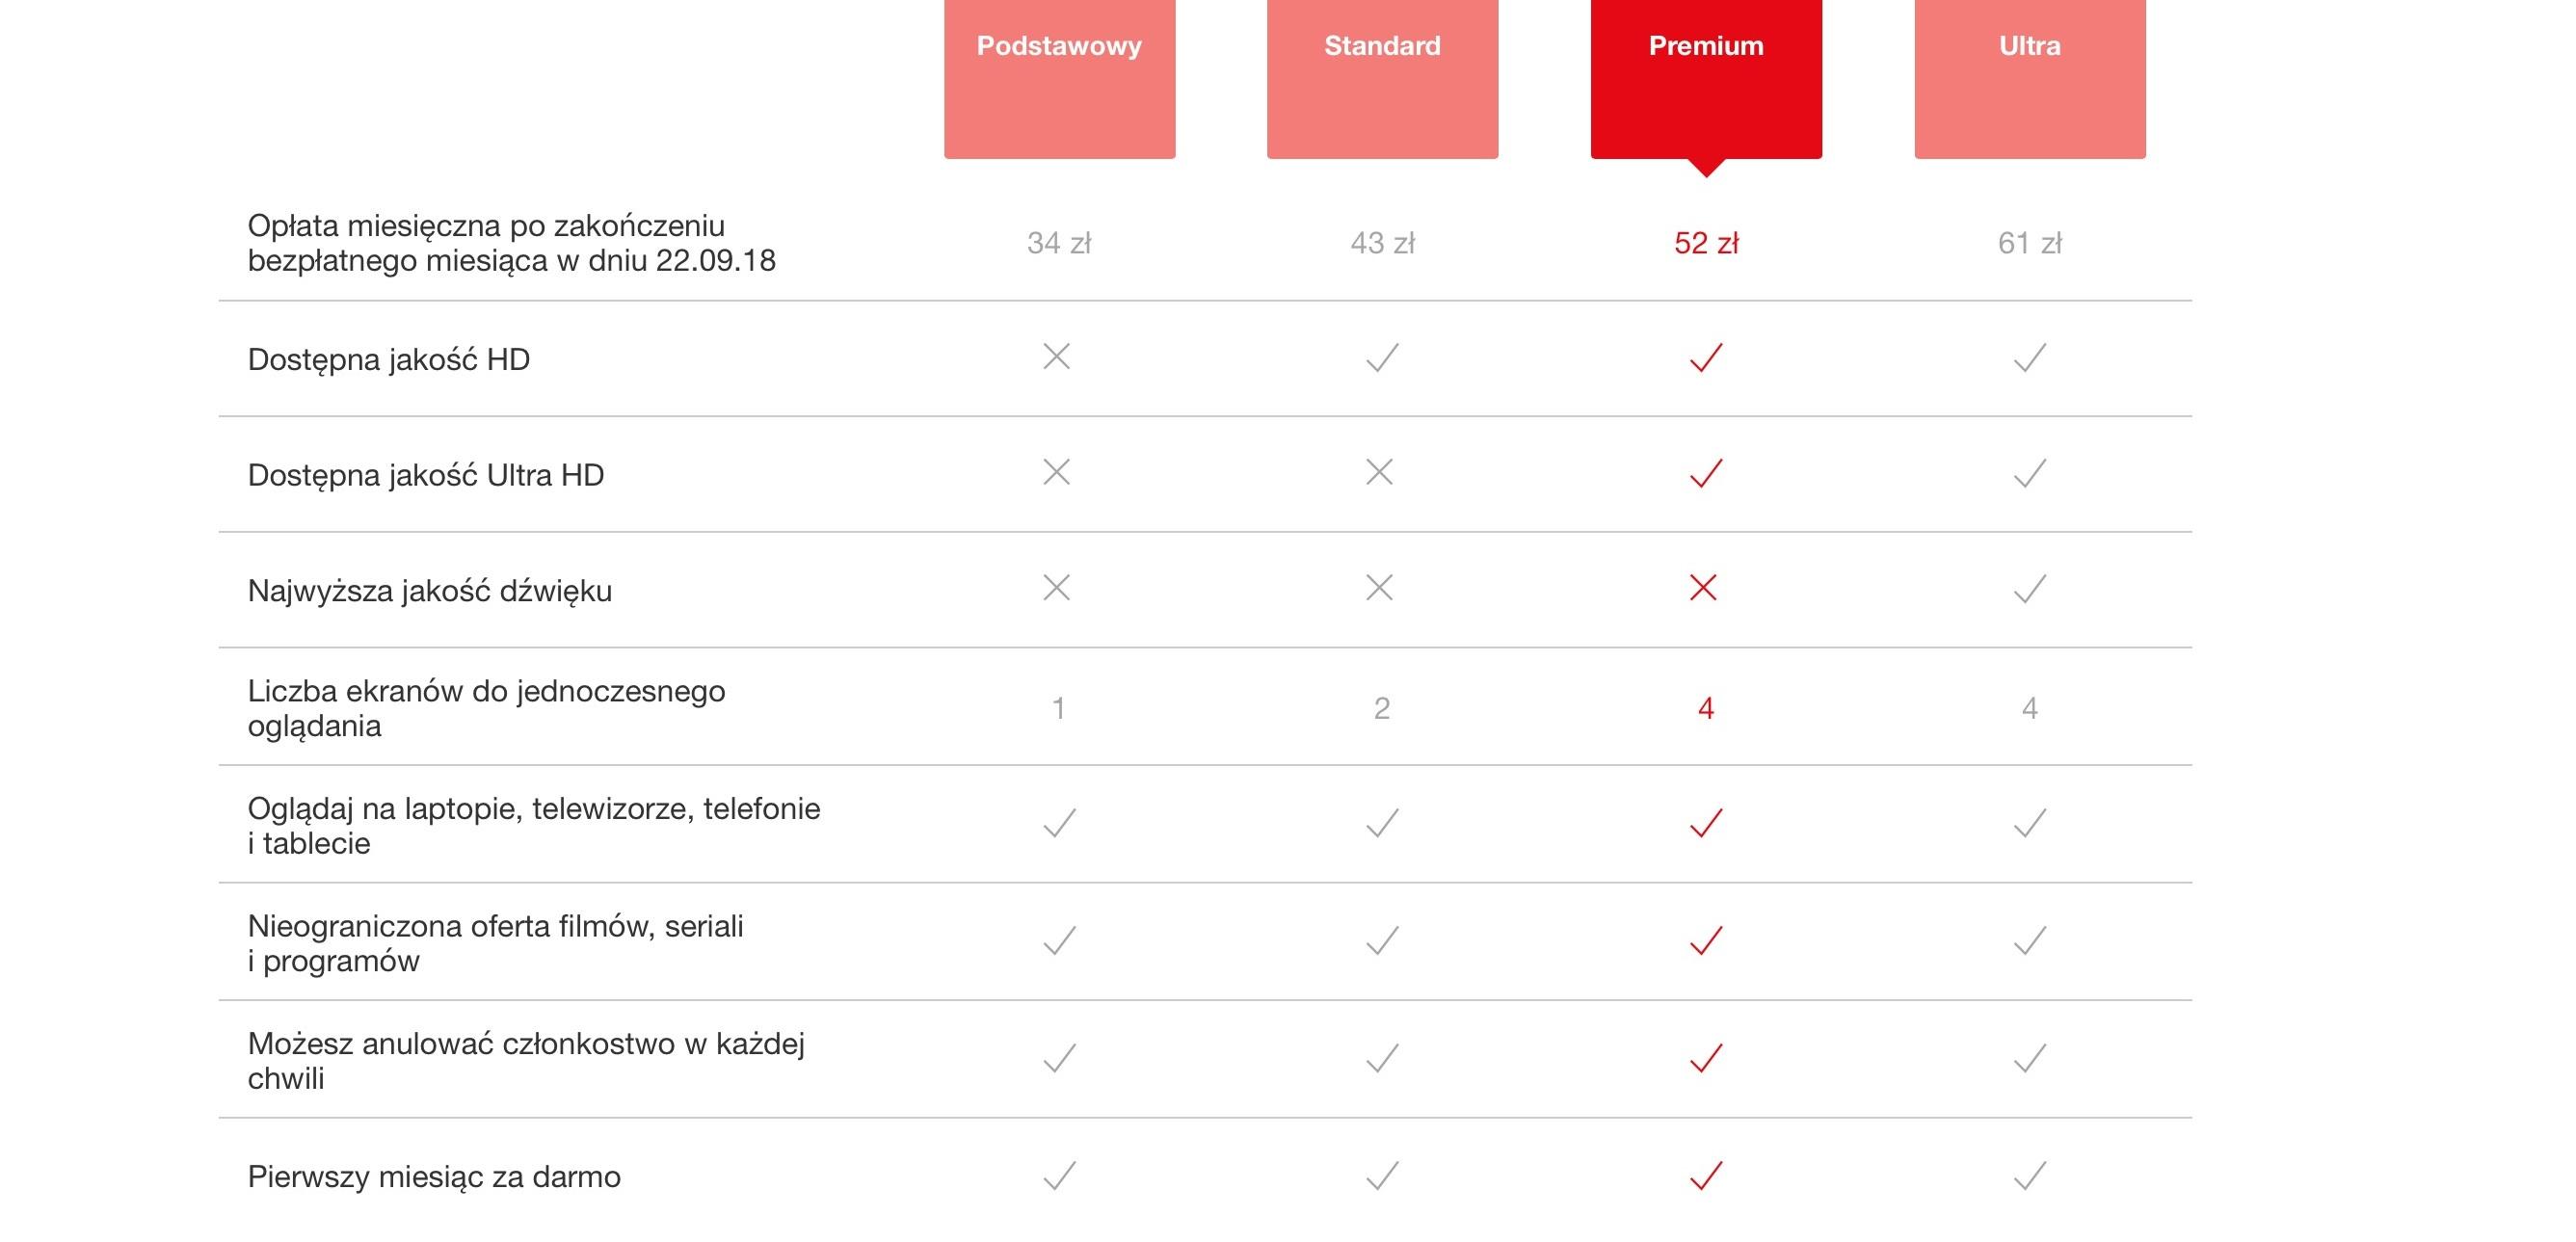 Jeden z testowych cenników Netfliksa obiecuje w planie Ultra najwyższą jakość dźwięku.